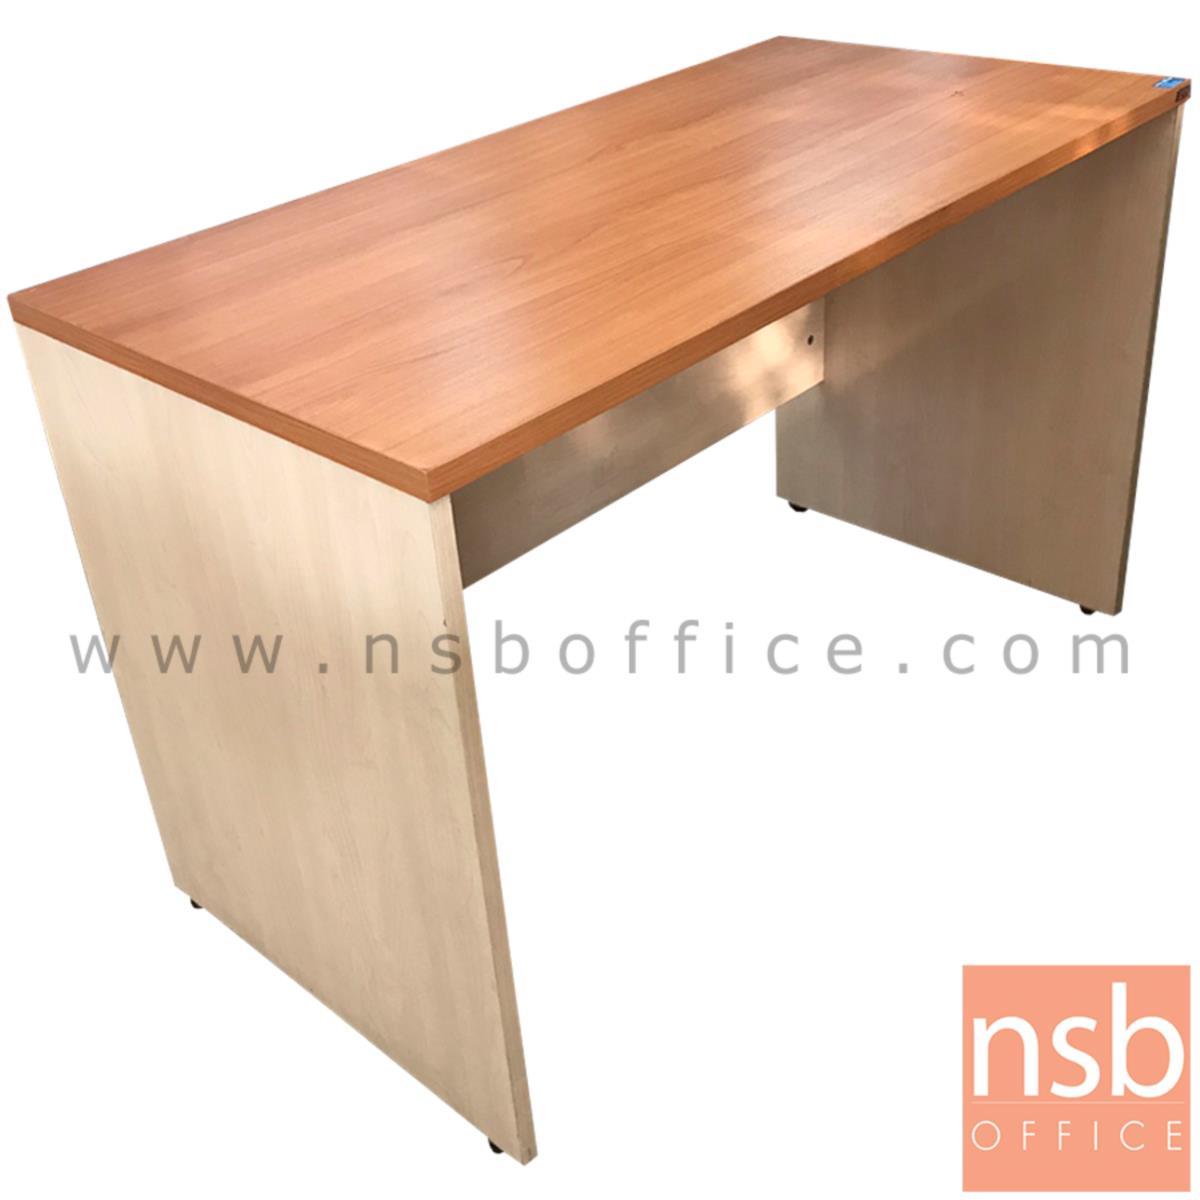 โต๊ะทำงานโล่ง  ขนาด 120W*76H cm. เมลามีน